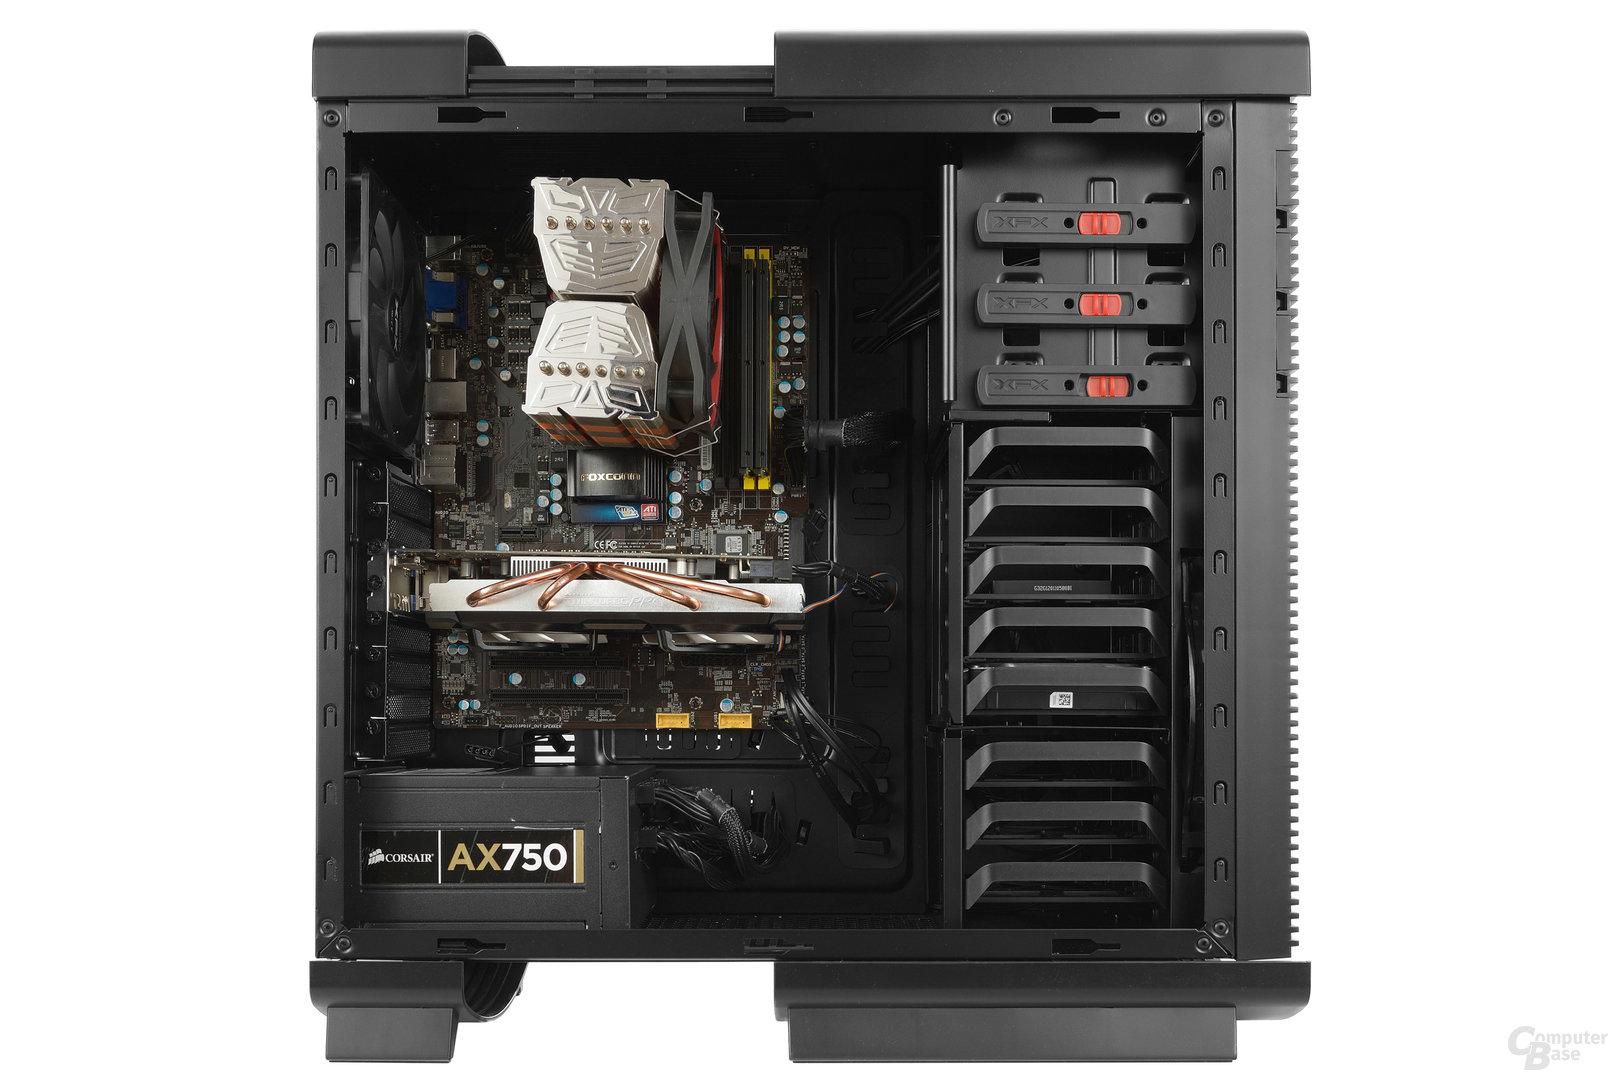 XFX Type 1 Bravo - Testsystem